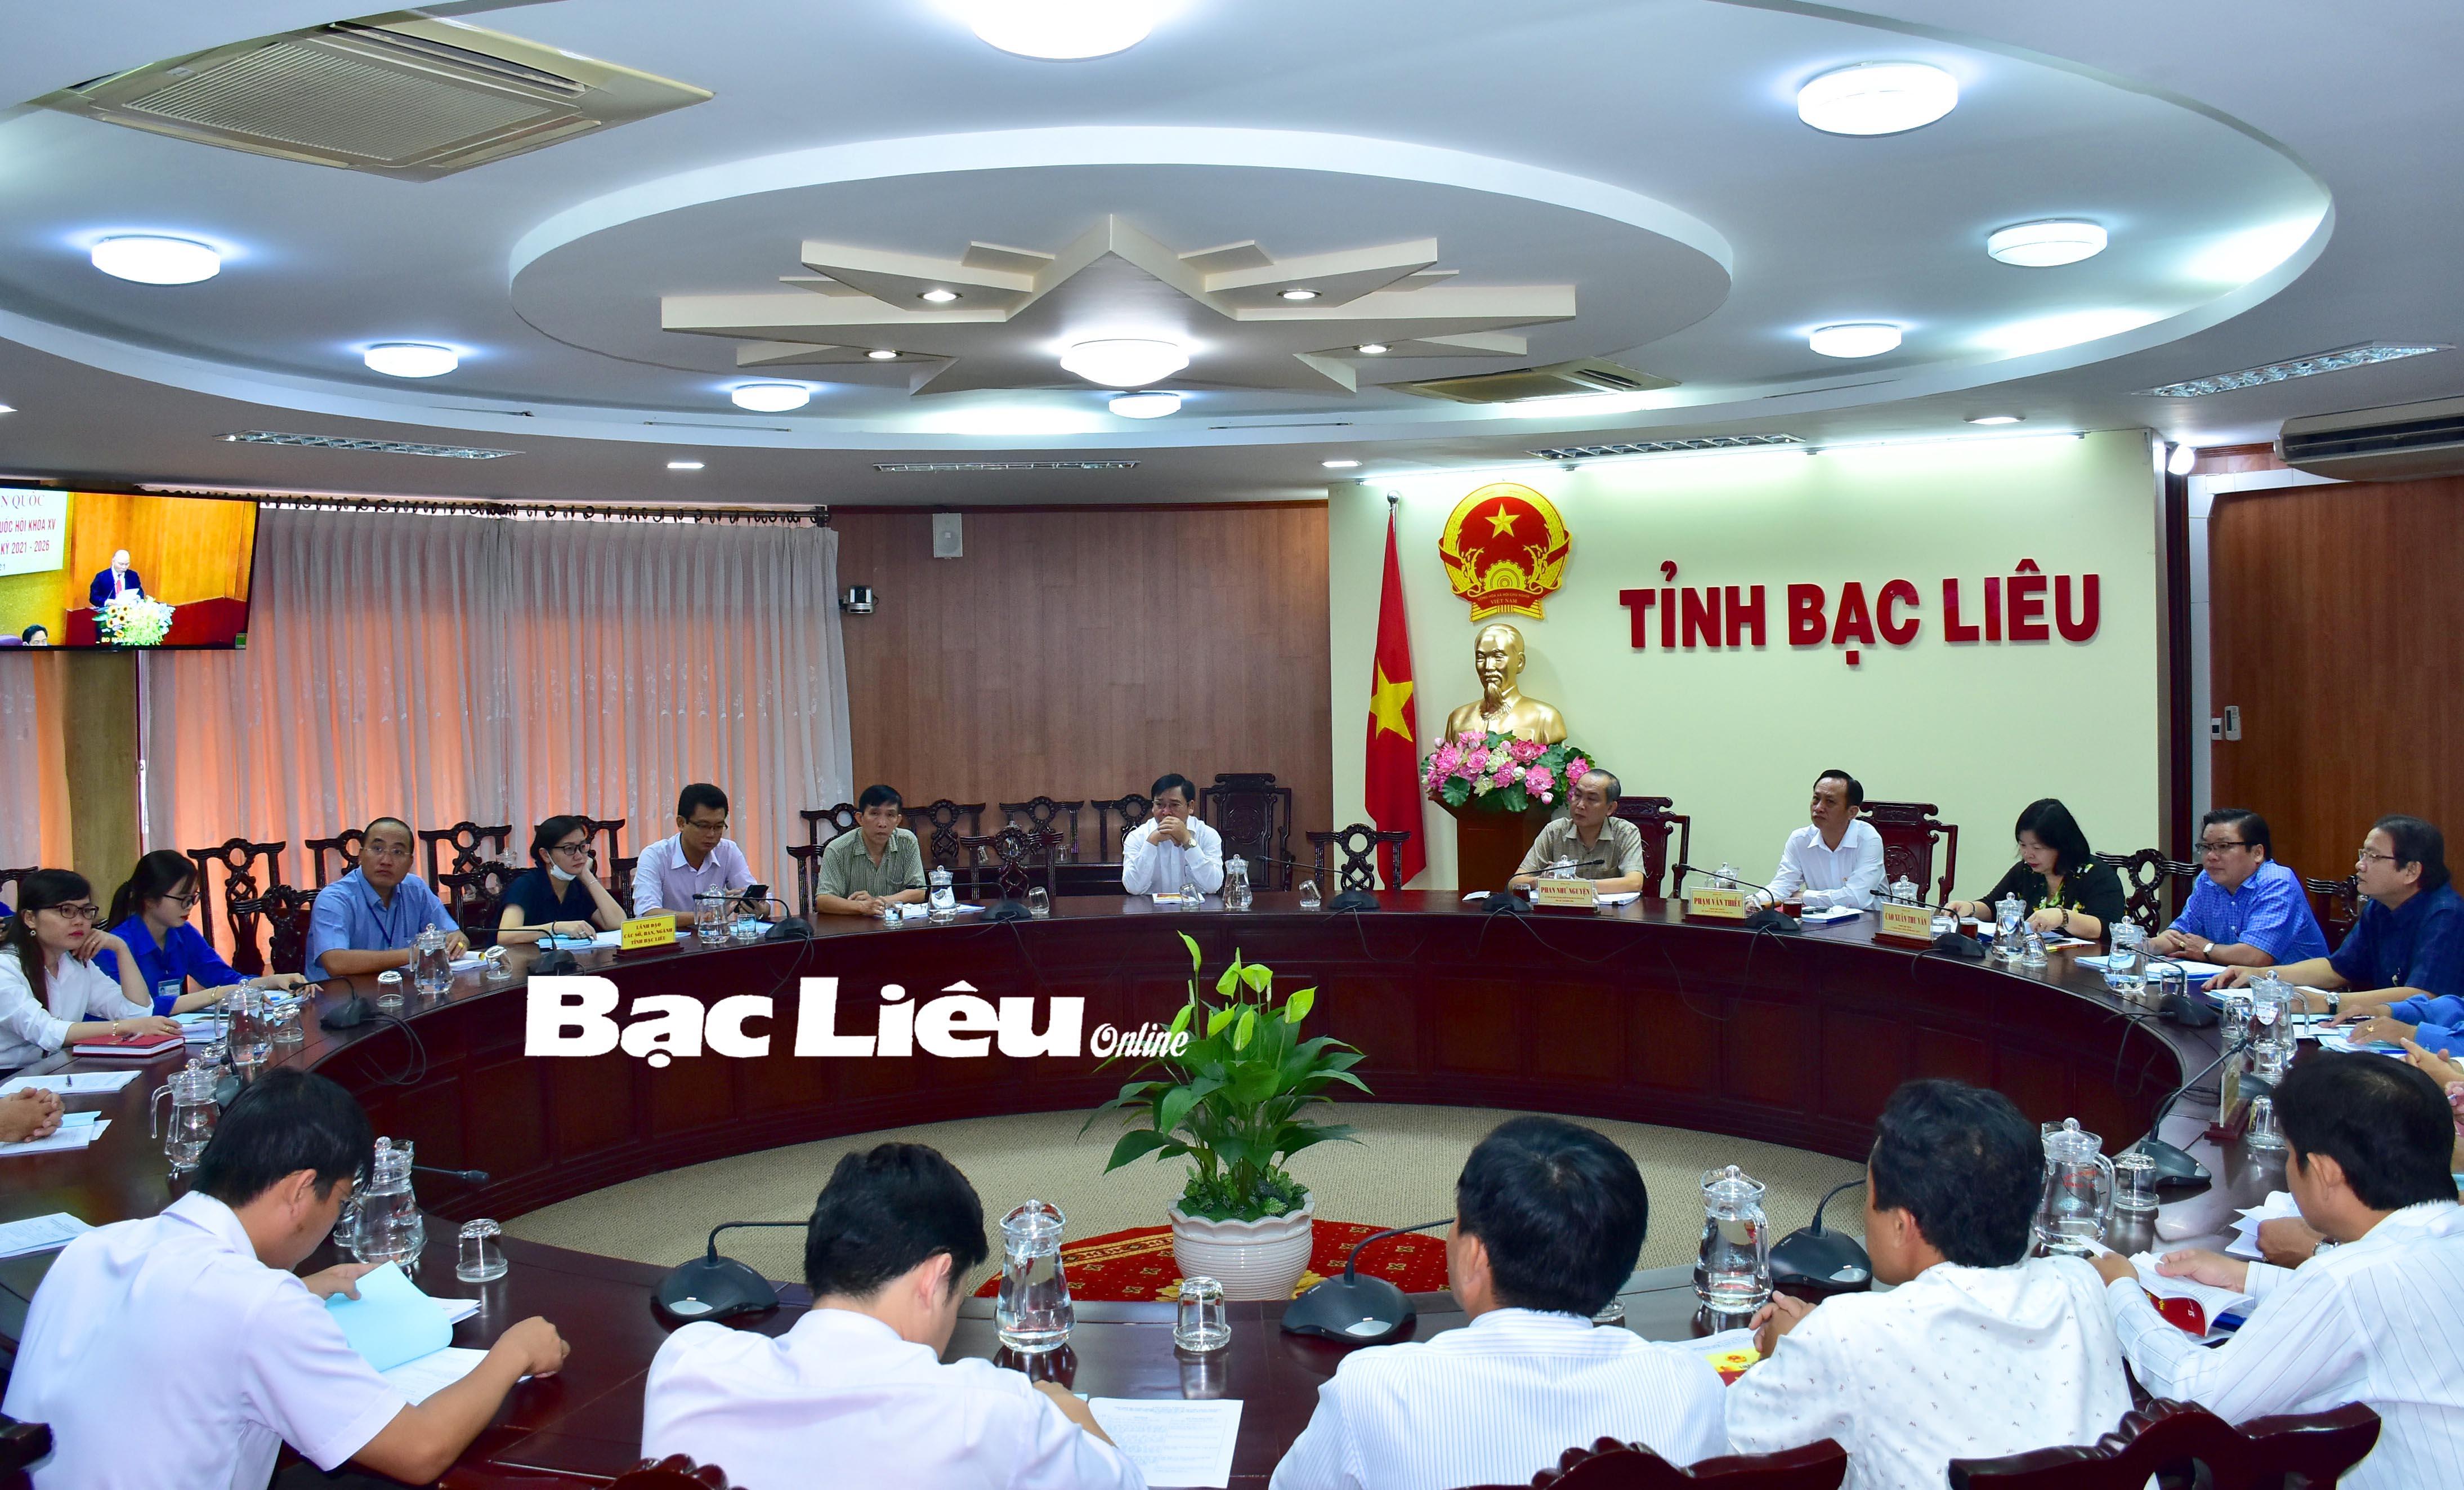 Hội nghị trực tuyến toàn quốc tập huấn nghiệp vụ công tác bầu cử